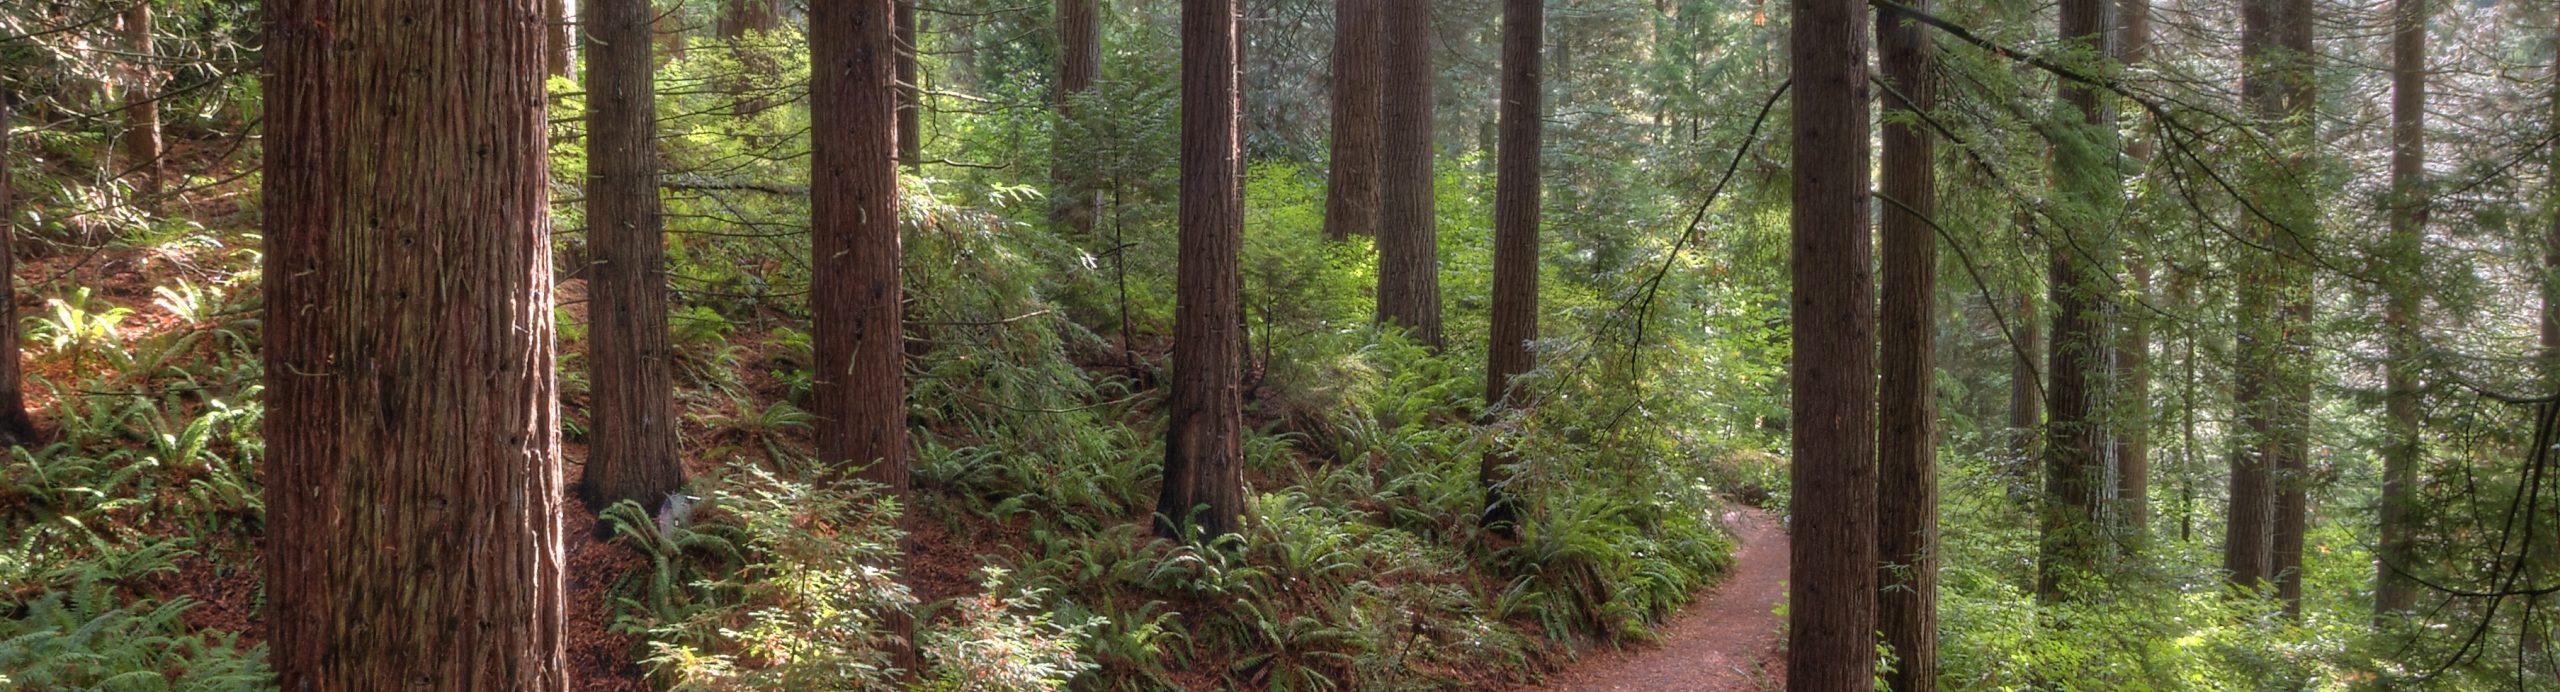 Senior Hike – Big Trees